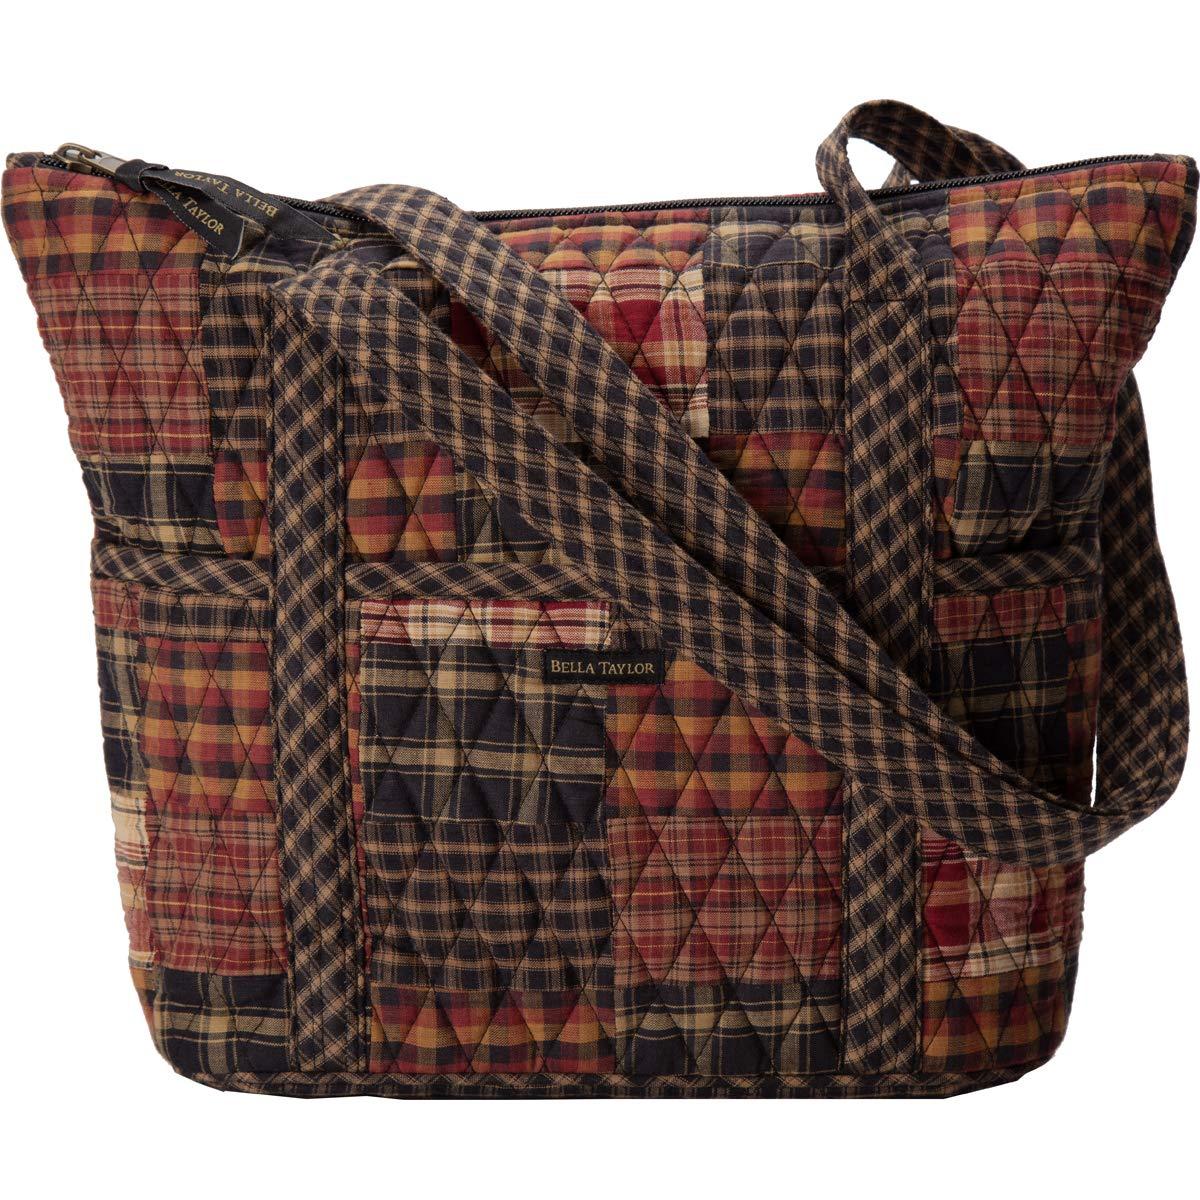 Bella Taylor Stride Style Top Handle Handbags 100% Cotton 10 Pockets Shoulder Strap- 11 Color Choices